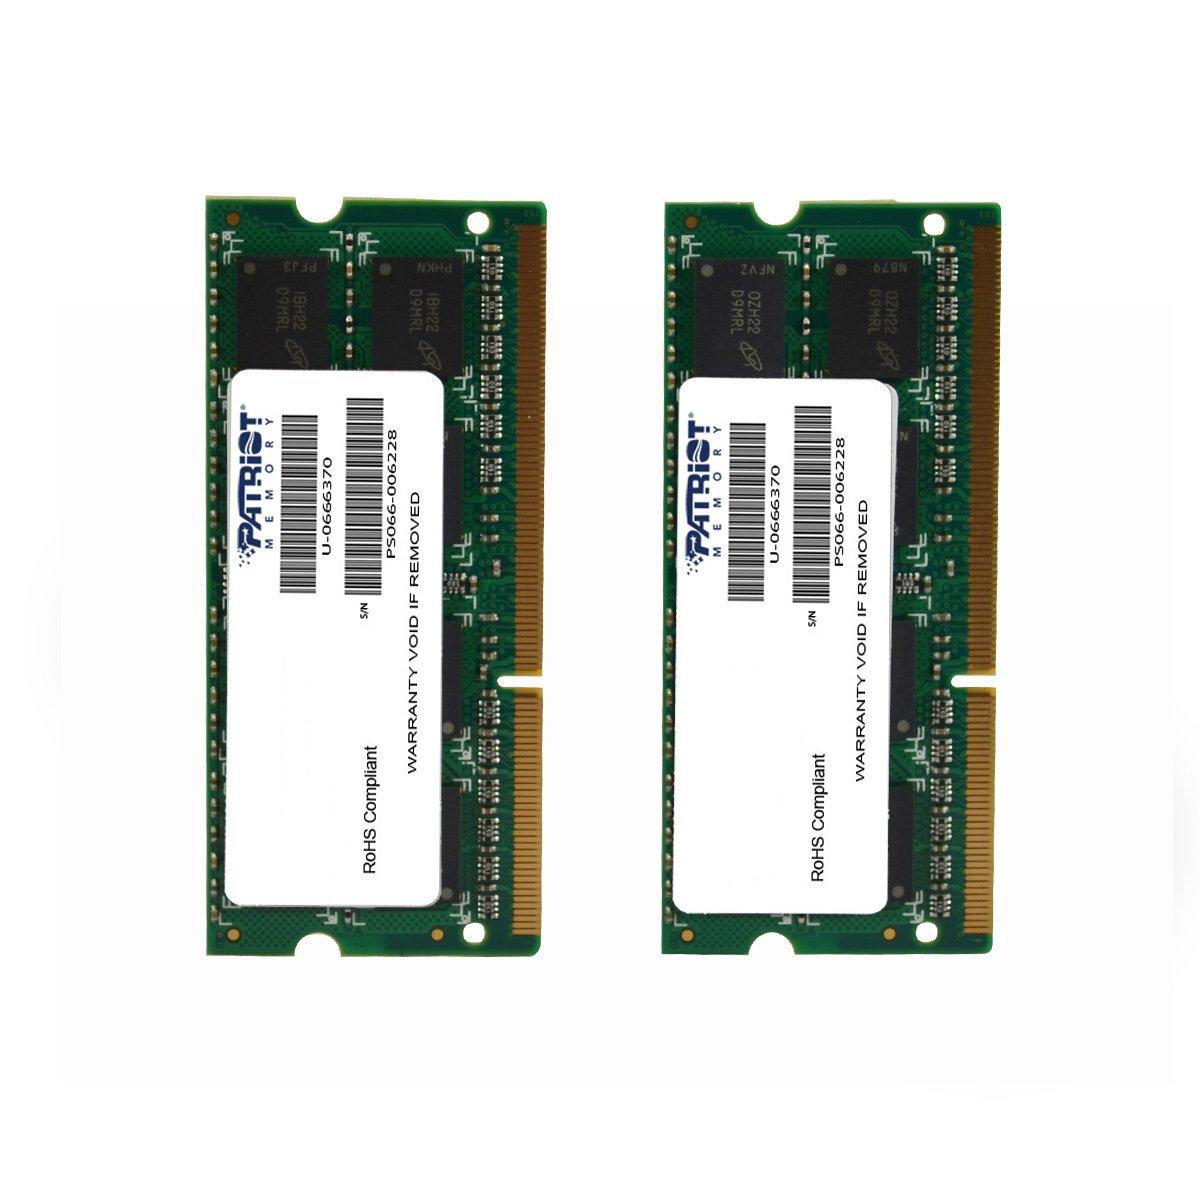 Patriot Mac Series 8GB Apple SODIMM Kit (2X4GB) DDR3 1333 PC3 10600 204-Pin SO-DIMM PSA38G1333SK